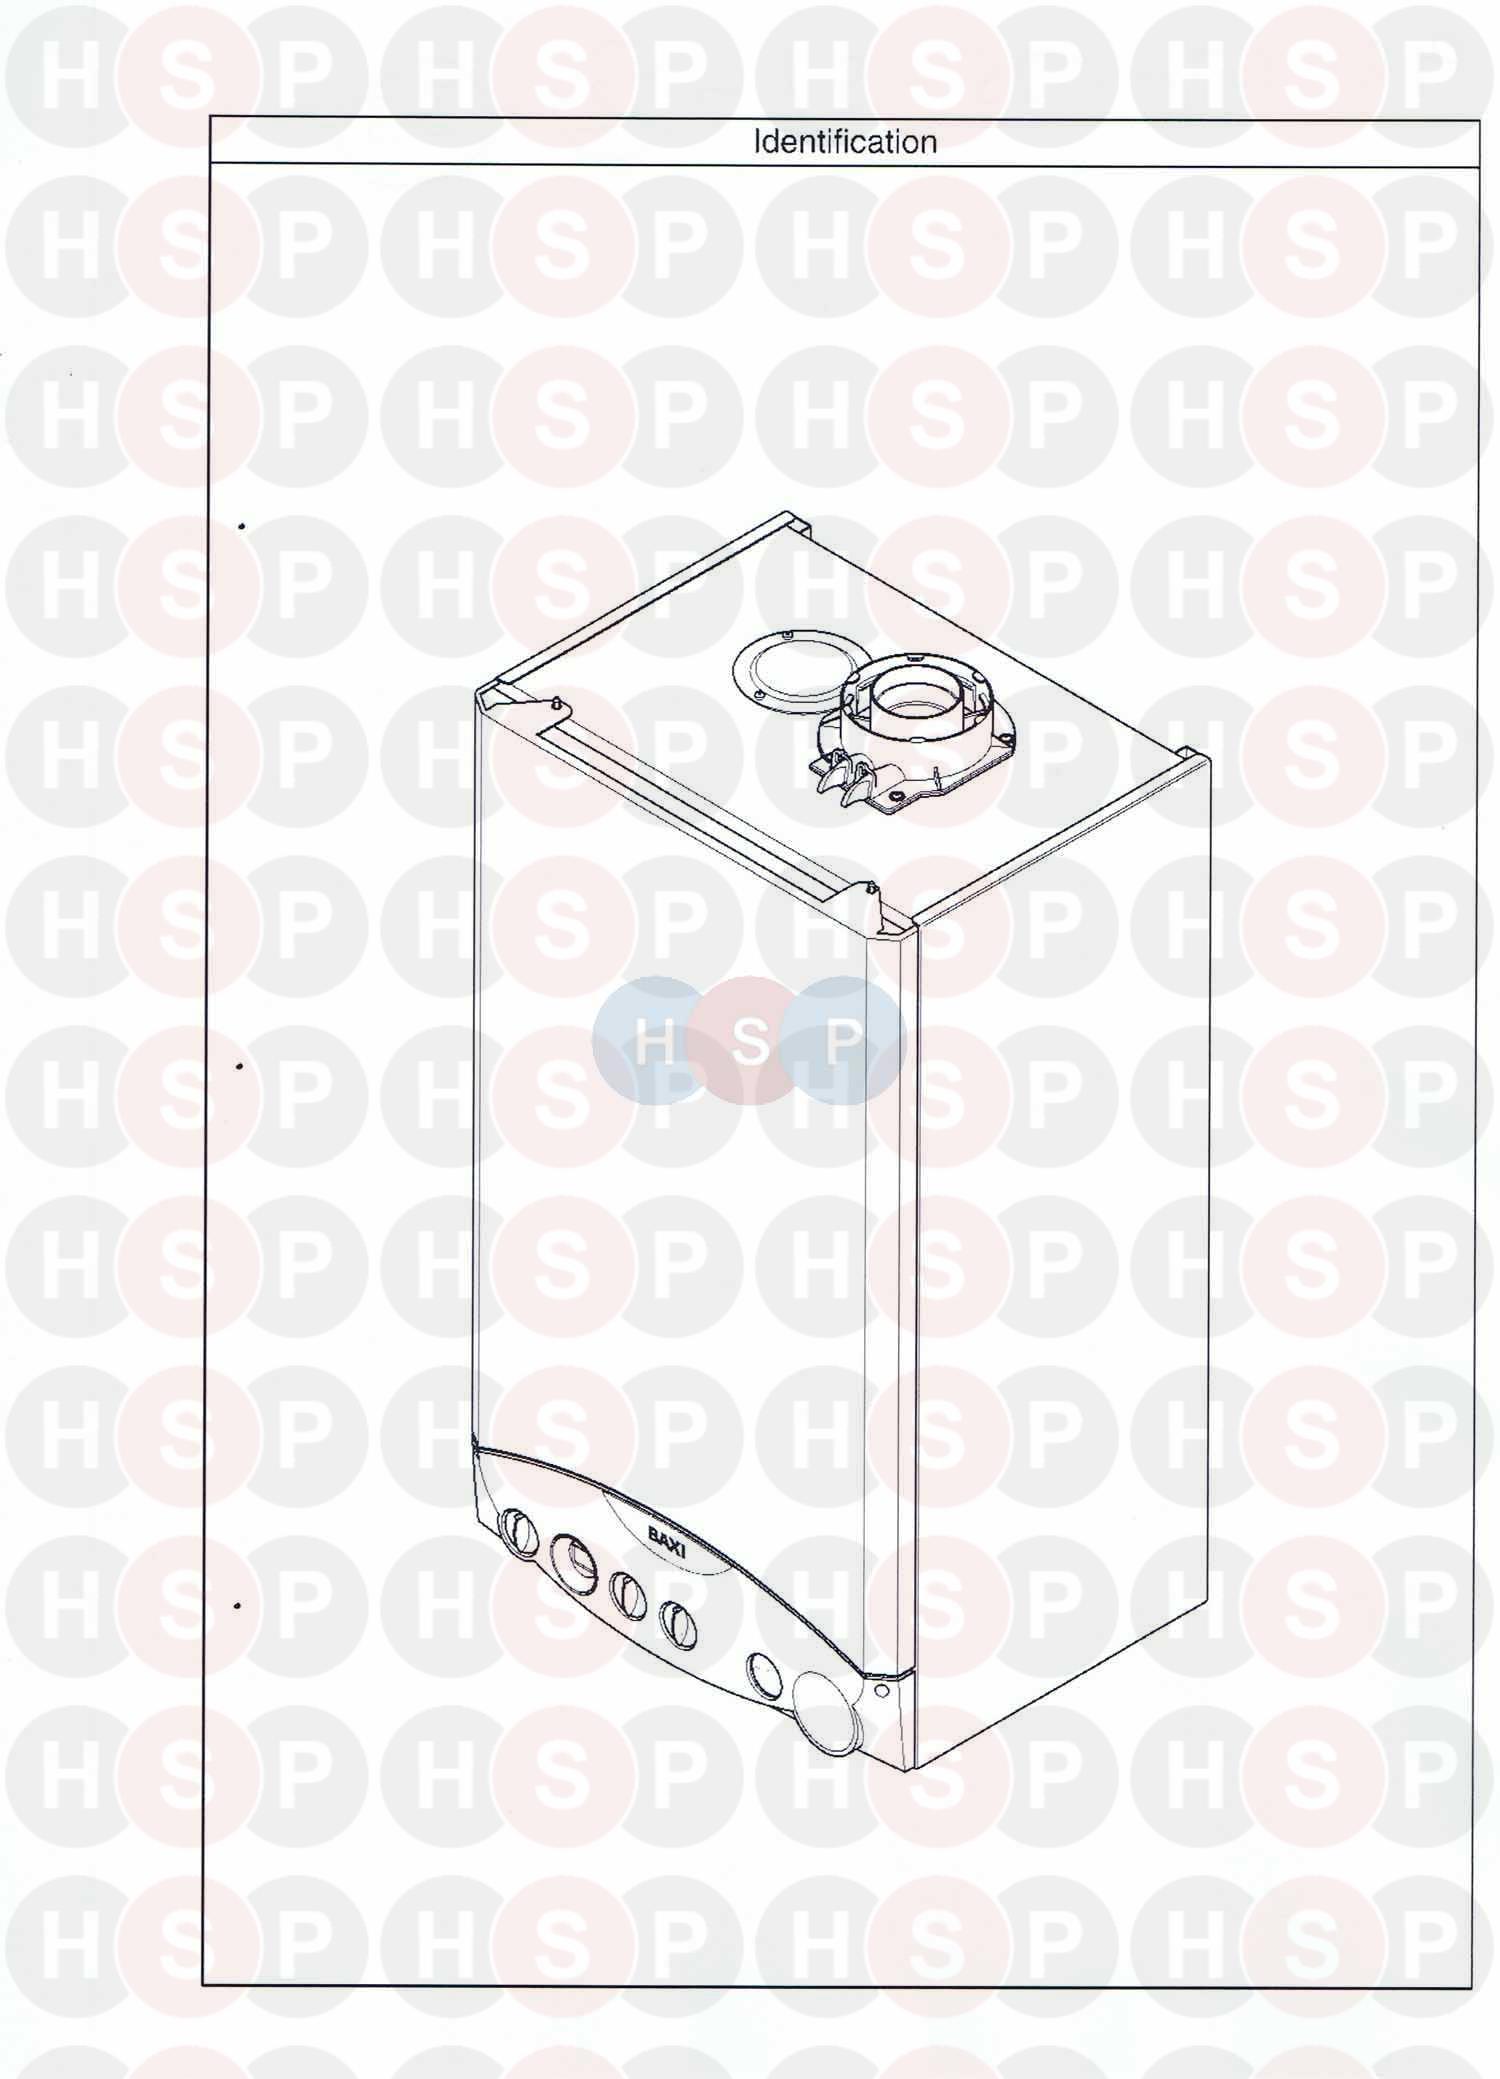 baxi platinum combi 33 he a  identification  diagram